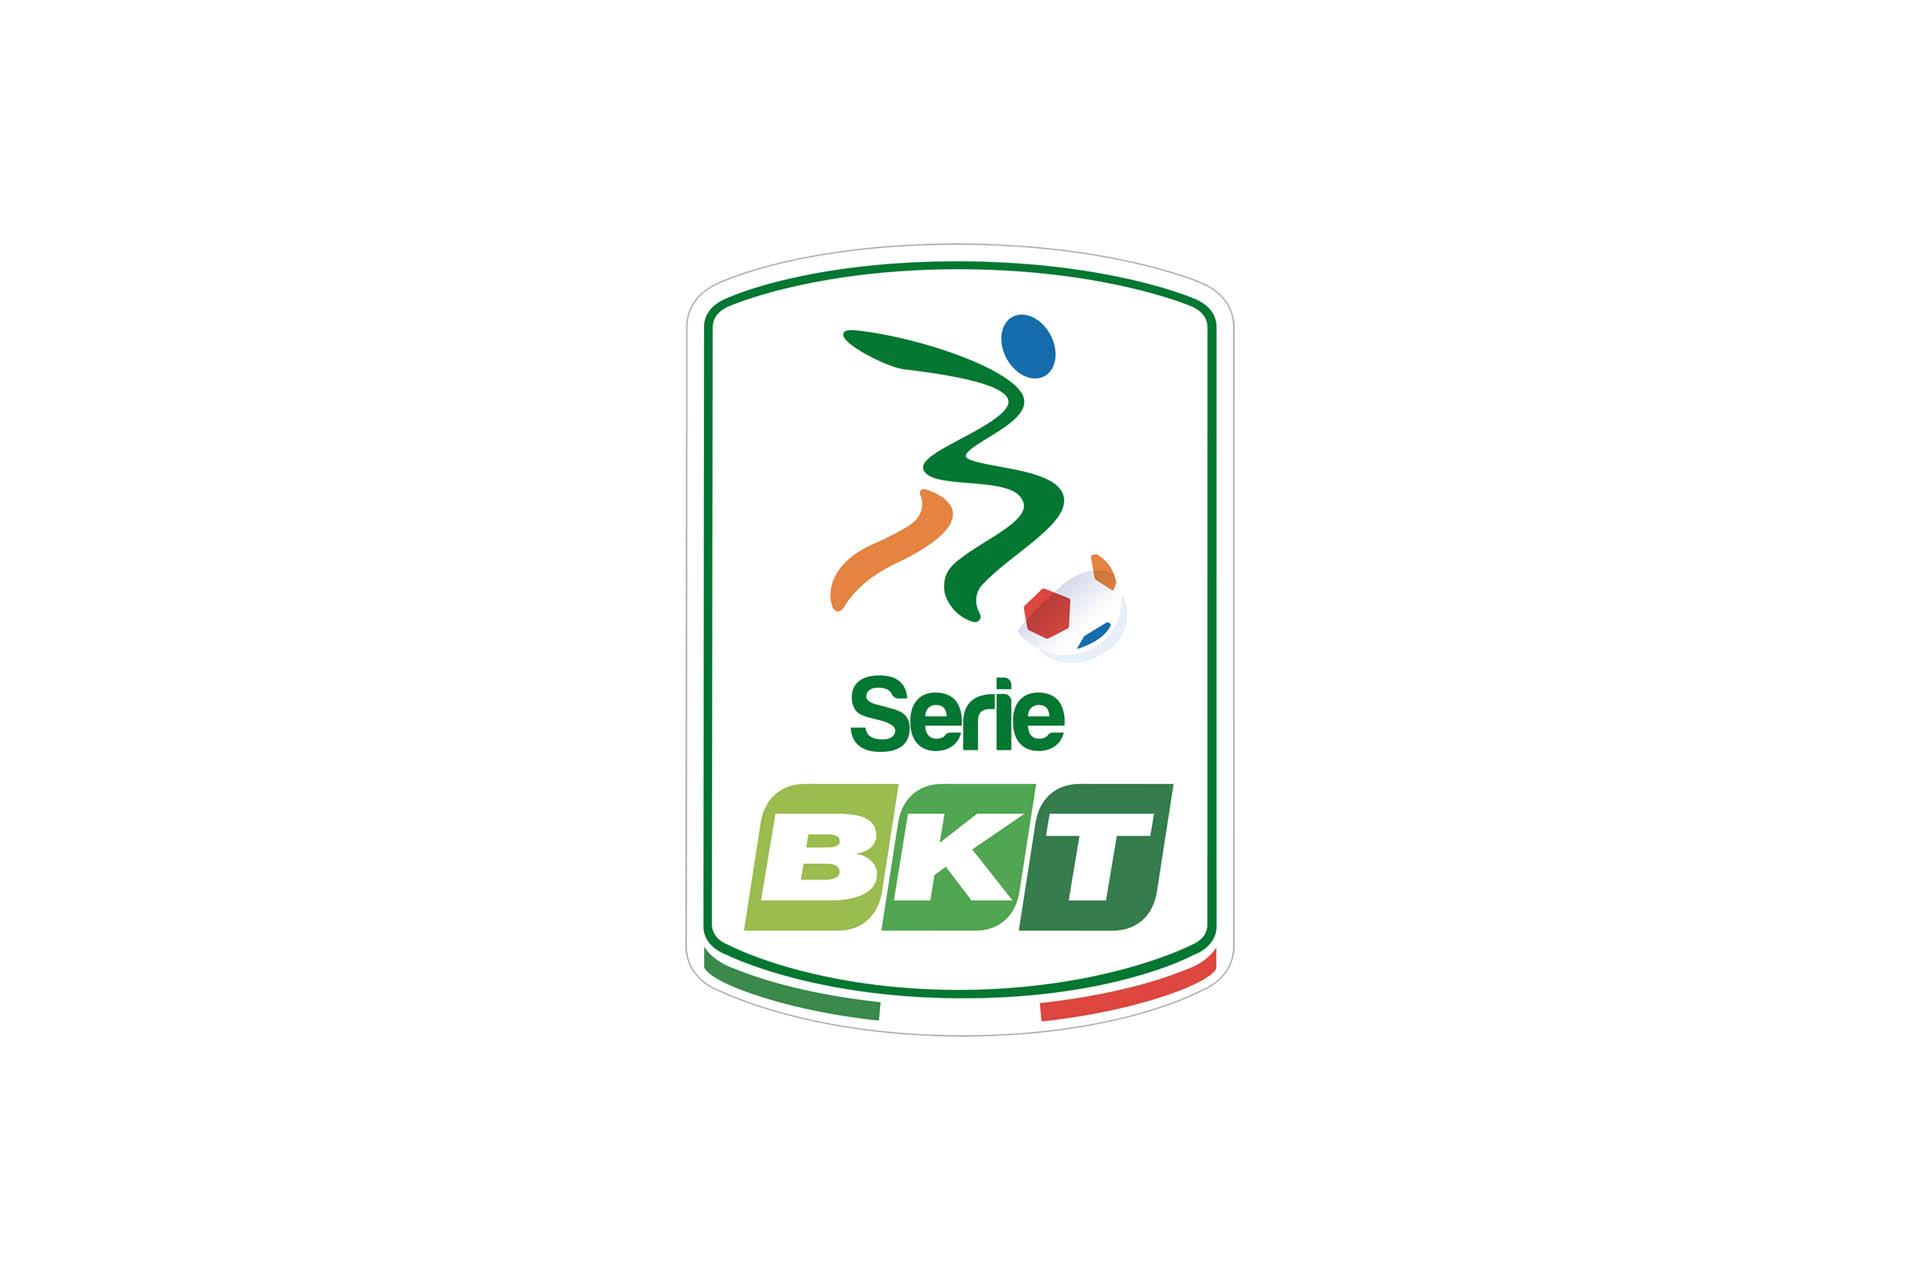 Pubblicazione del calendario di Serie B rinviata a data da destinarsi